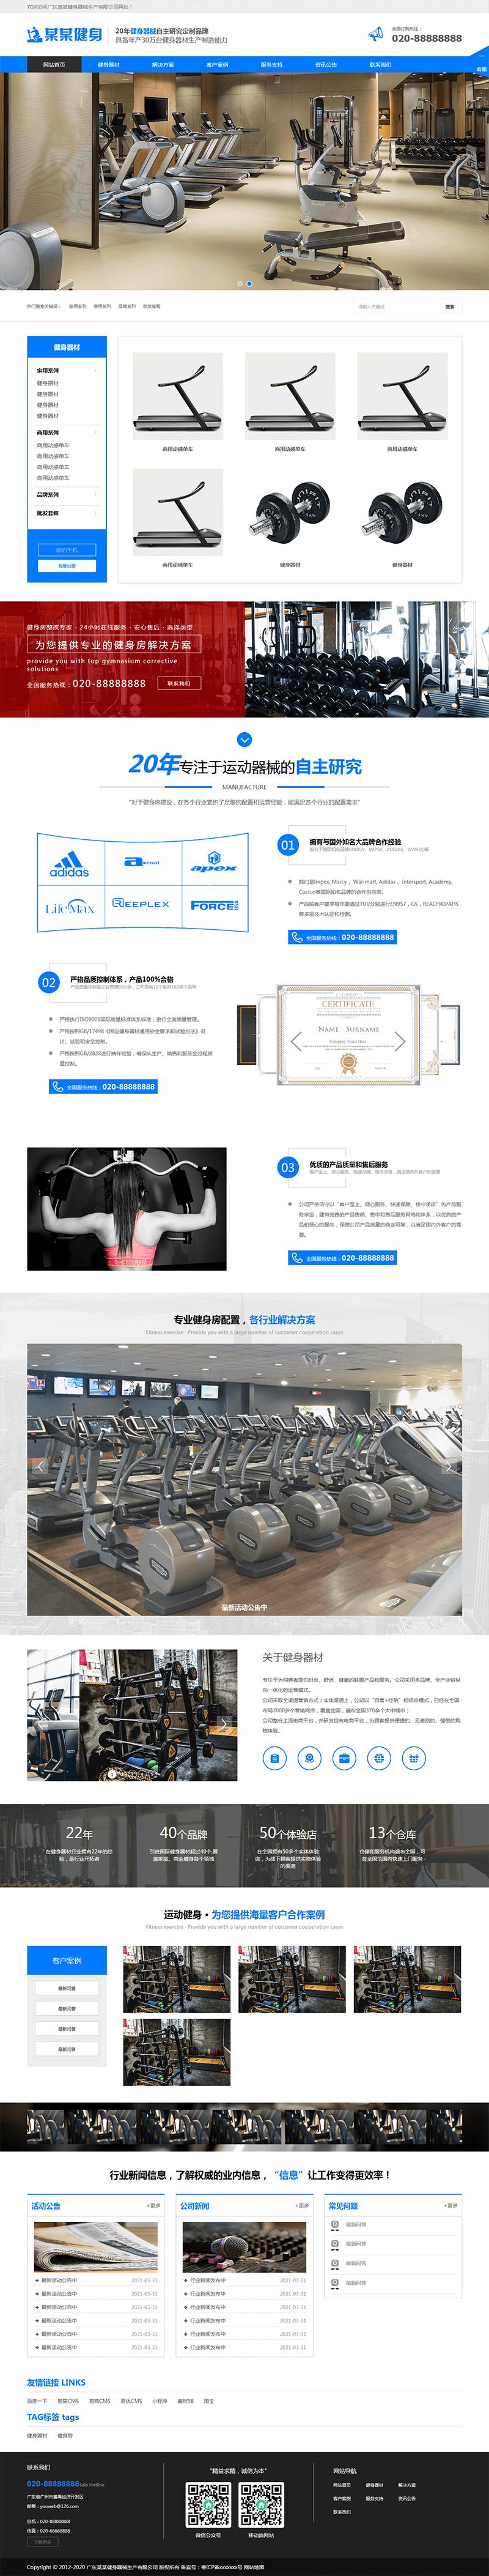 健身房运动器械模板